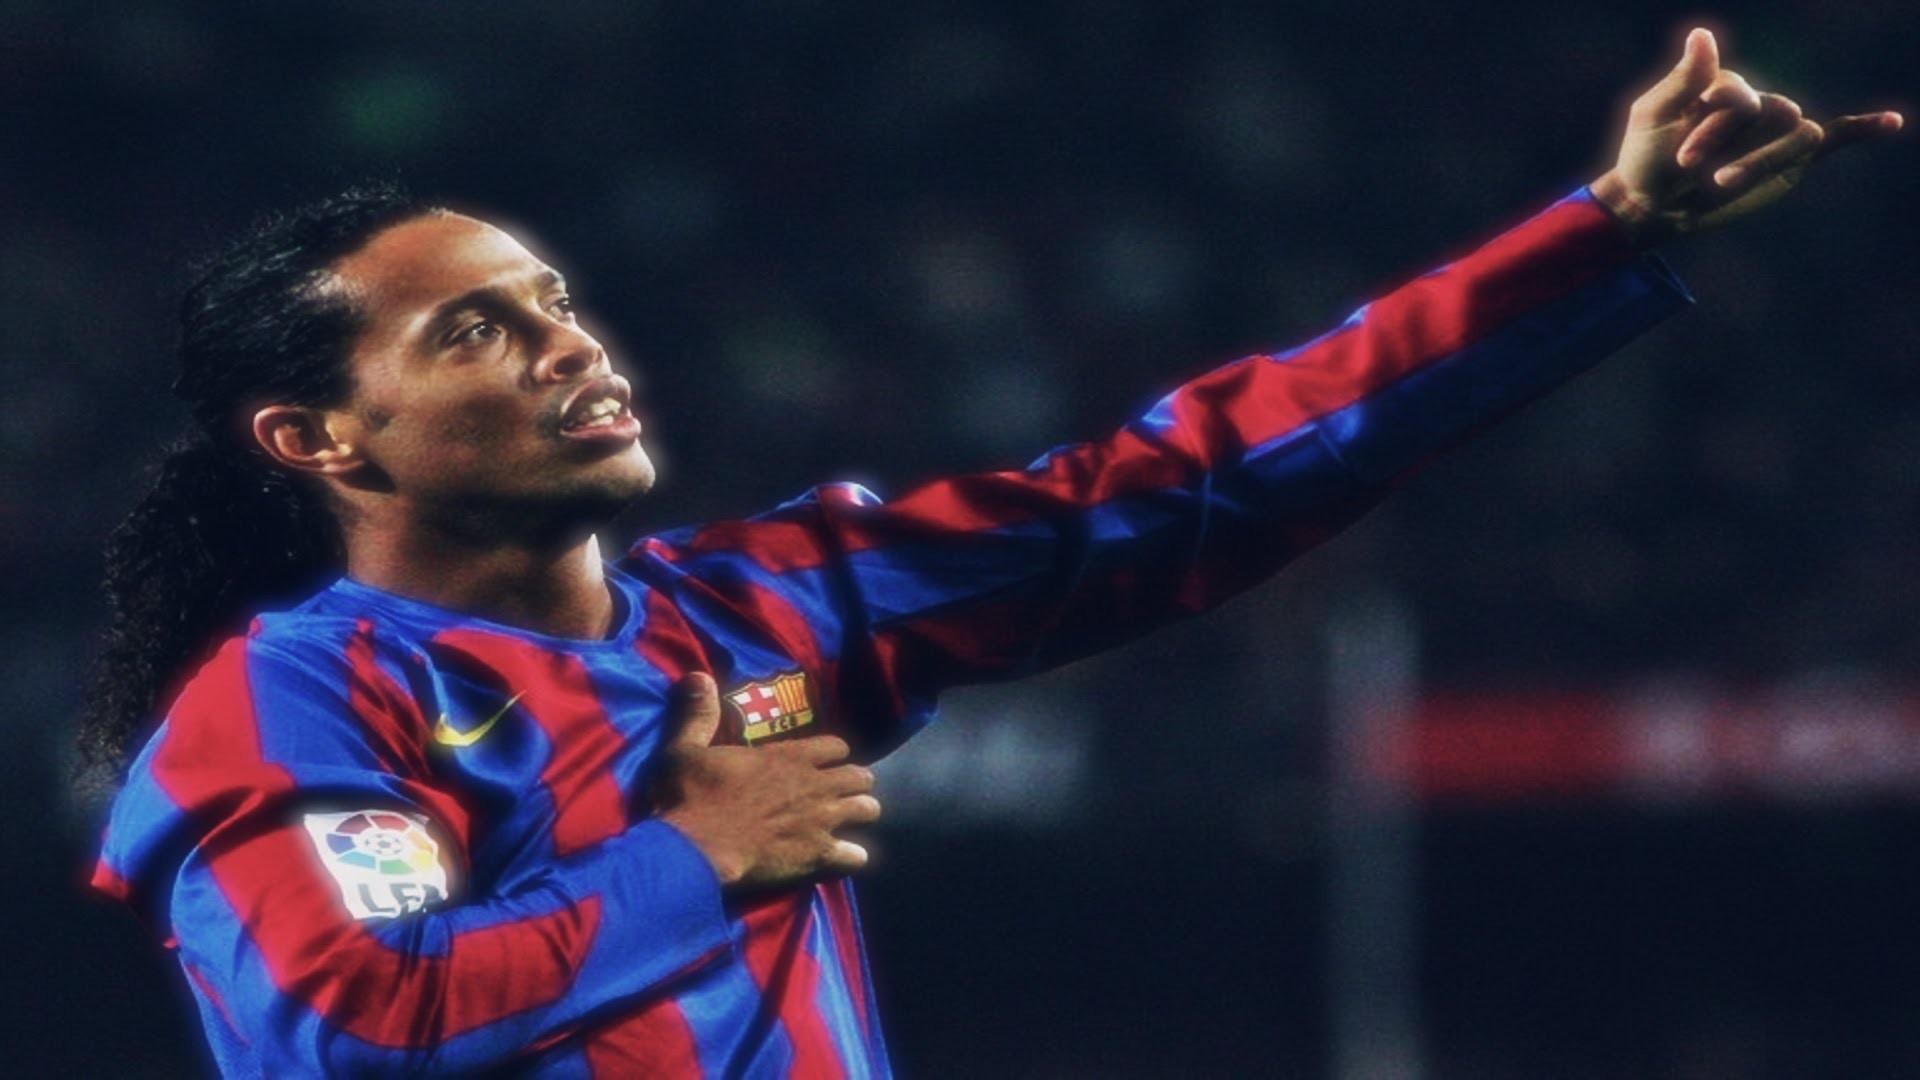 Bóng đá là hành trình thỏa niềm vui: Thế giới từng có một Ronaldinho như thế - Ảnh 2.